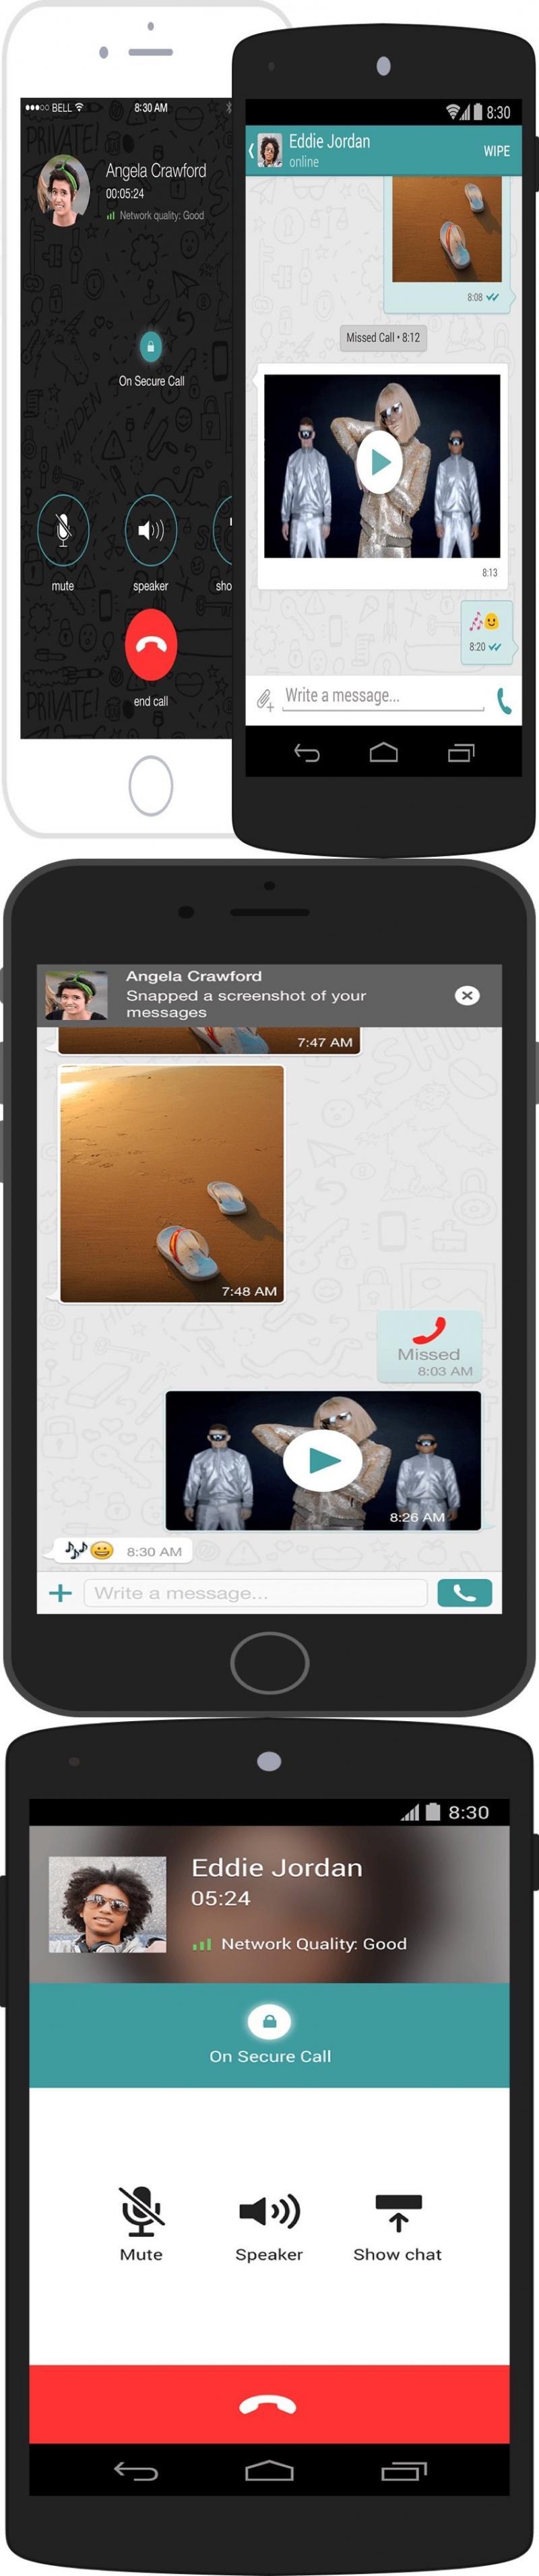 تطبيق جديد باسم Wiper يسمح للمستخدم حذف مراسلاته من جهاز المستقبل ويبلغه ان تم تصوير الشاشة من قبل المستلم